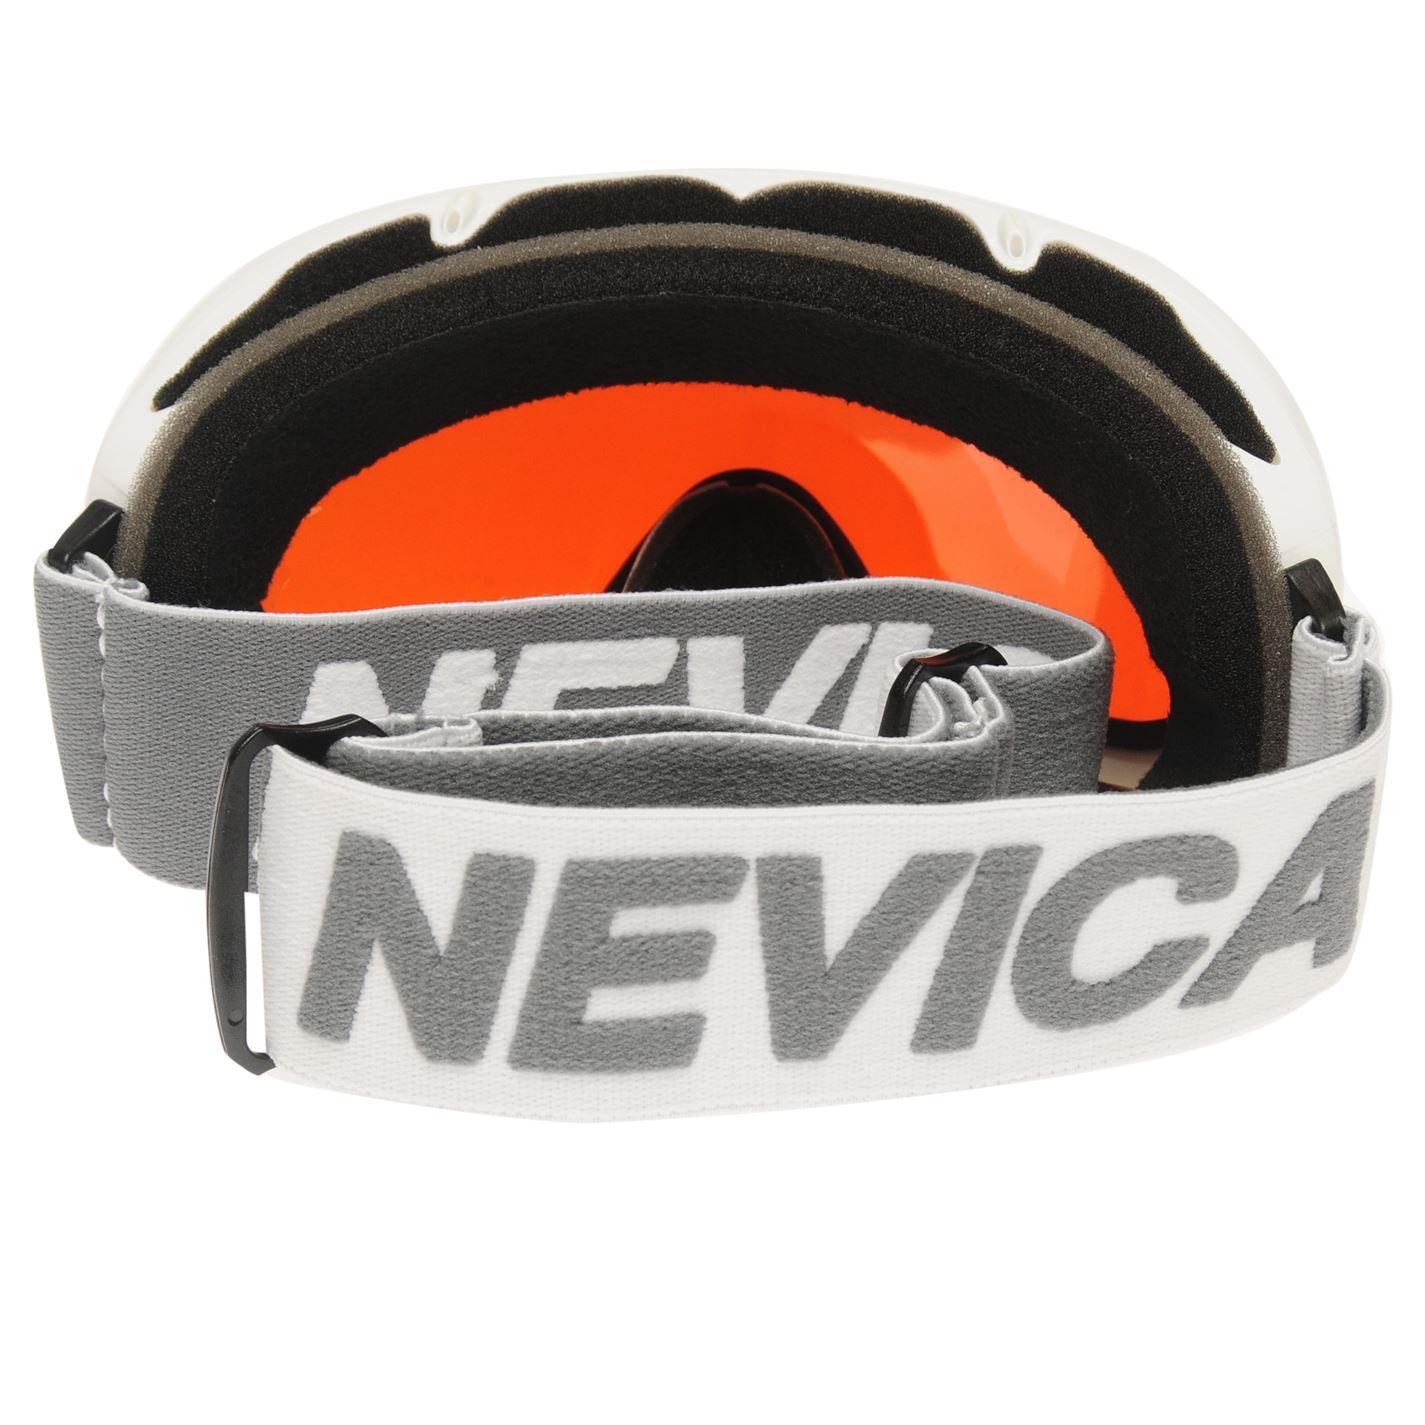 04cacb8a2f3 Nevica-Vail-Ski-Goggles-Mens-Gents-Headstrap thumbnail 5